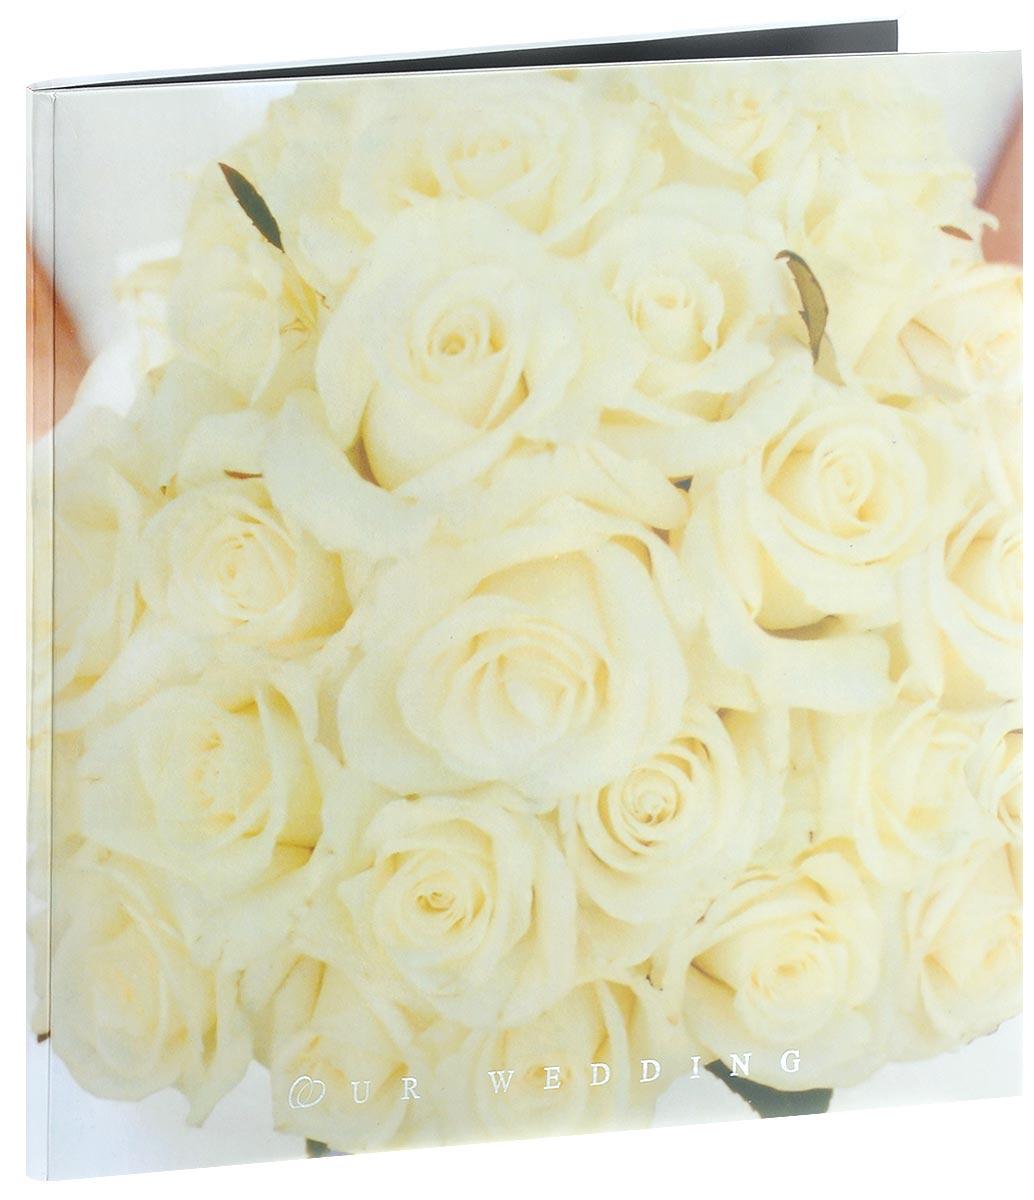 Фотоальбом Pioneer Wedding Love. Белые розы, 10 магнитных листов, 32 х 32 смБрелок для ключейФотоальбом Pioneer Wedding Love. Белые розы, изготовленный из картона с клеевымпокрытием и пленки ПВХ, сохранит моменты ваших счастливых мгновений насвоих страницах! Обложка оформлена ярким изображением цветов. Альбом с магнитнымилистами удобен тем, что он позволяет размещать фотографии разных размеров.Магнитные страницы обладают следующими преимуществами: - Не нужно прикладывать усилий для закрепления фотографий, - Не нужно заботиться о размерах фотографий, так как вы можете вставить вальбом фотографии разных размеров, - Защита фотографий от постоянных прикосновений зрителей с помощью пленки ПВХ.Нам всегда так приятно вспоминать о самых счастливых моментах жизни, запечатленных нафотографиях. Поэтому фотоальбом является универсальным подарком к любому празднику.Вашим родным, близким и просто знакомым будет приятно помещать фотографии в этотальбом.Количество листов: 10 шт.Размер листа: 29 см х 32 см.